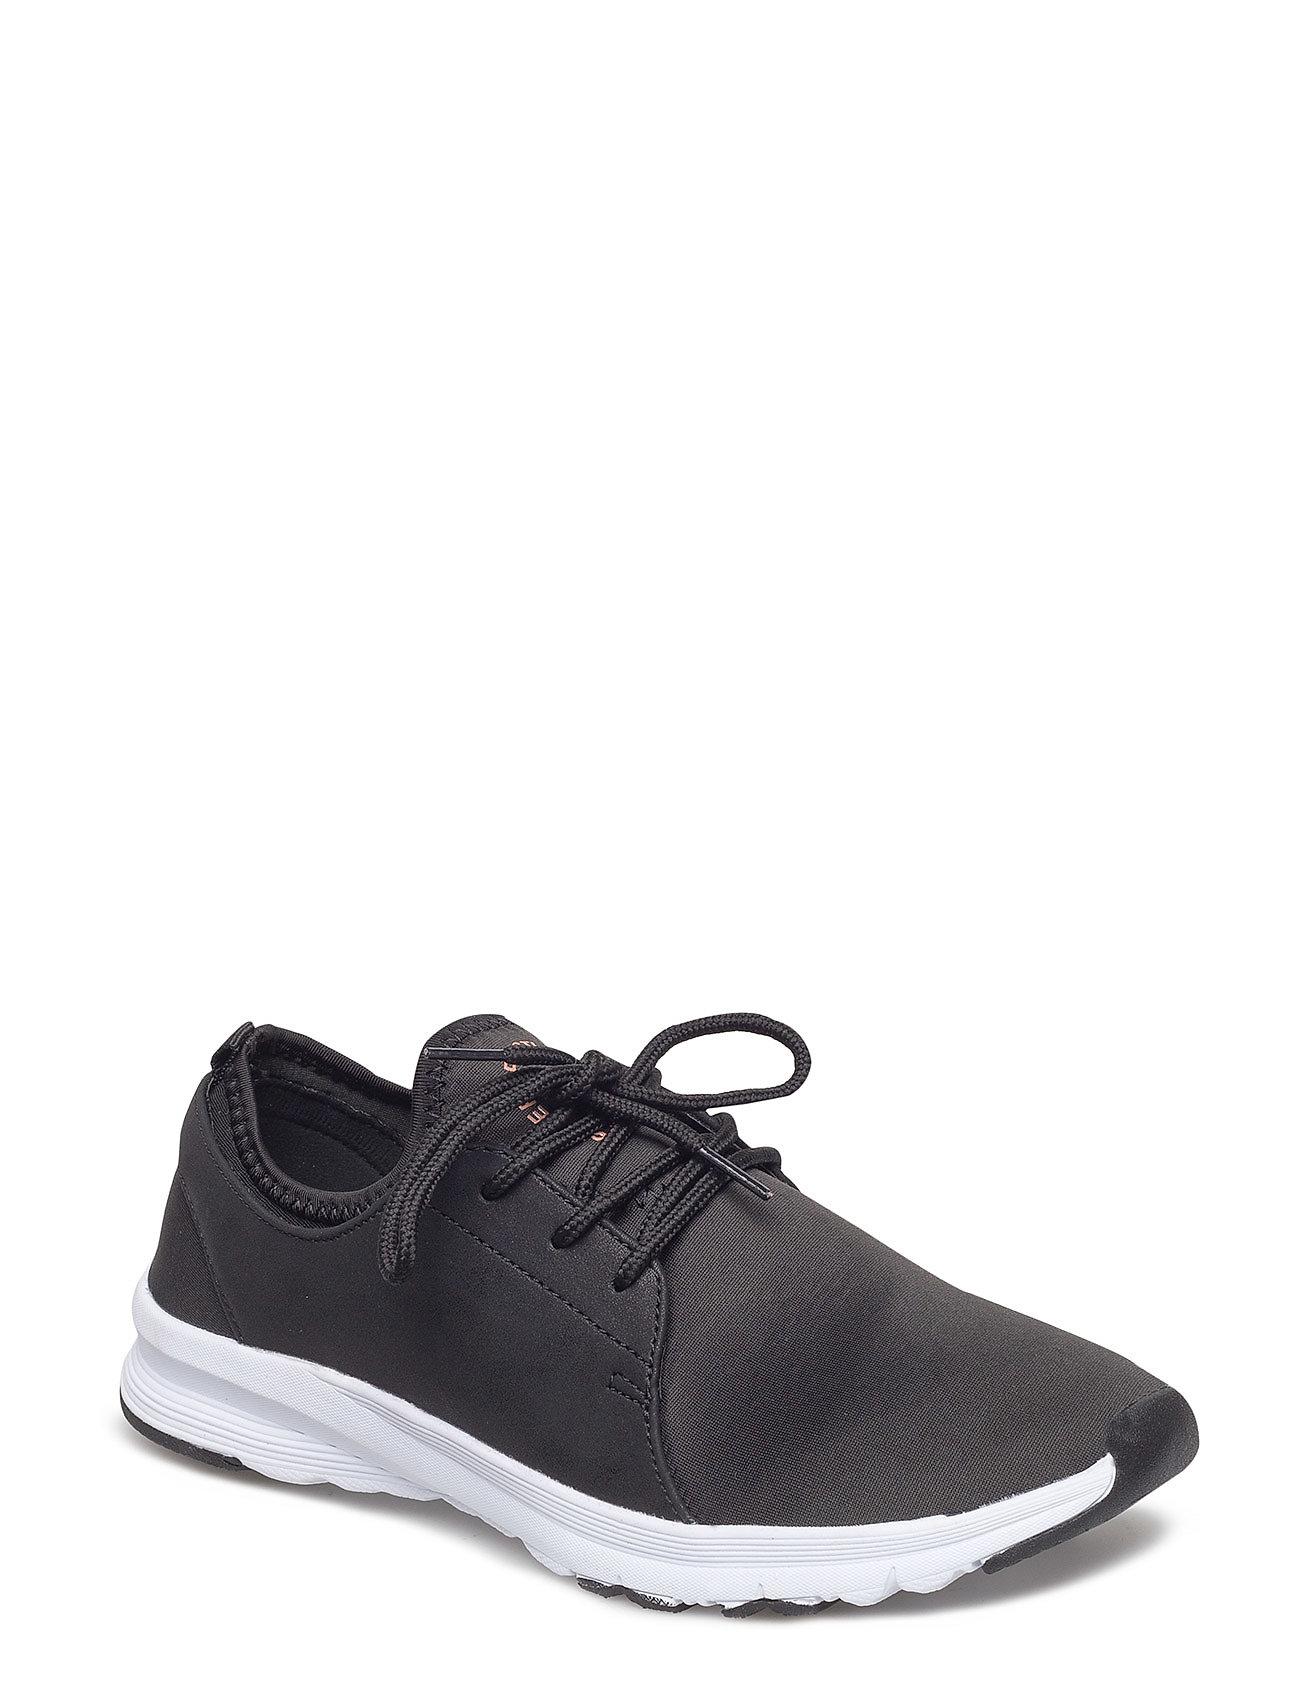 Image of Studio Shoe Low-top Sneakers Sort Superdry Sport (3415599529)